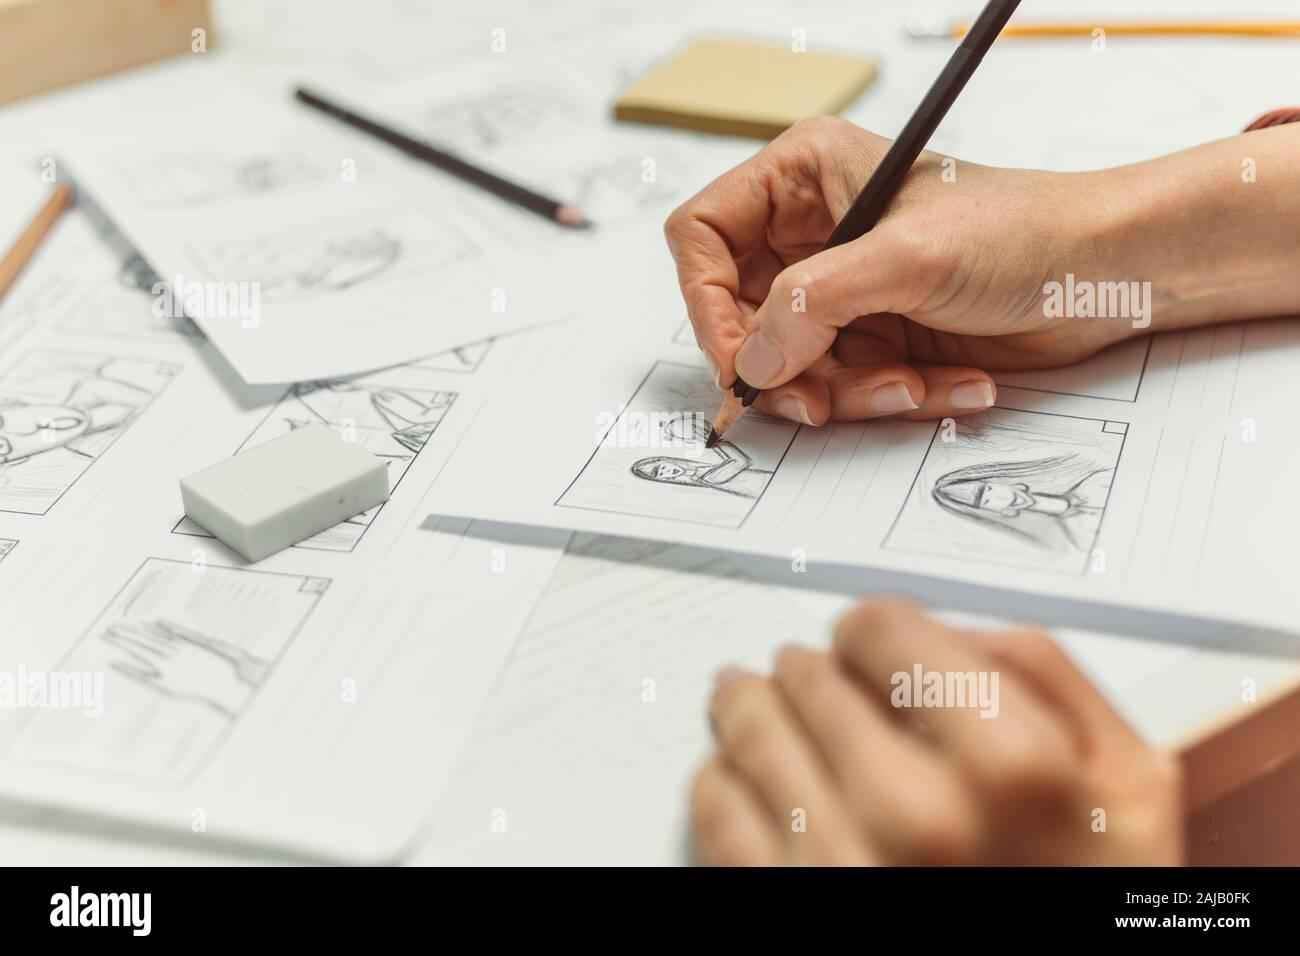 La mano de la mujer dibuja un guión gráfico para una película o una caricatura. Foto de stock